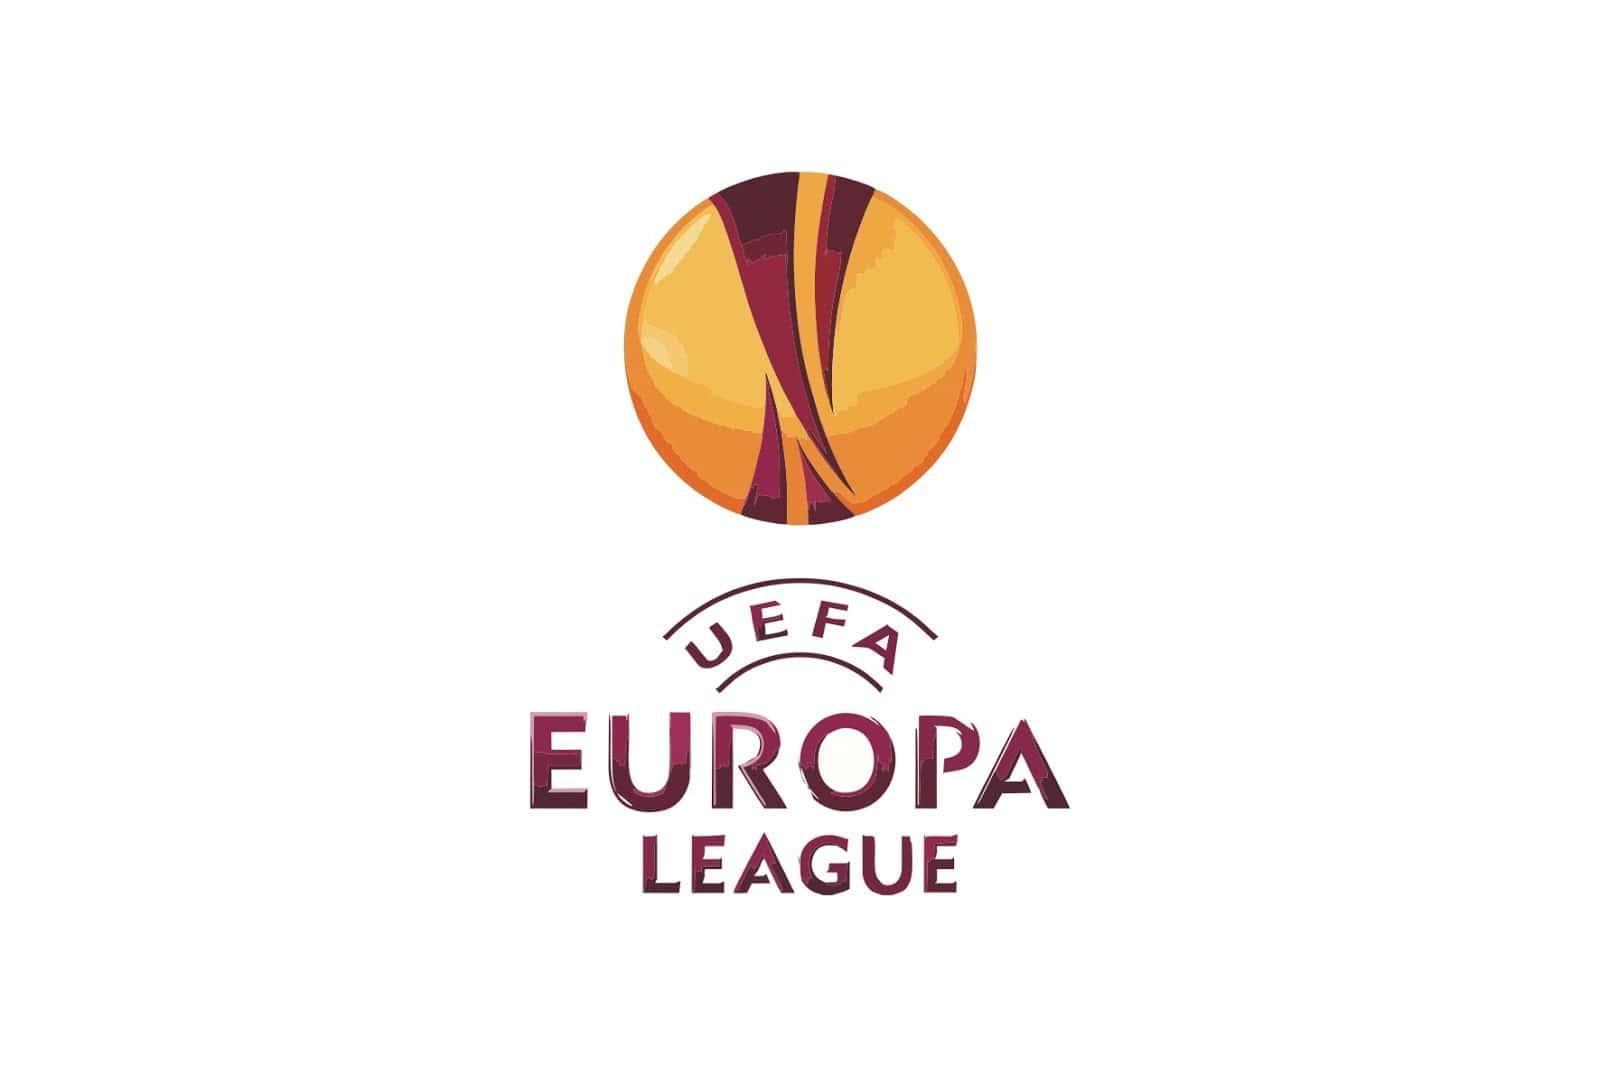 Europa League Dudelange vs Drita